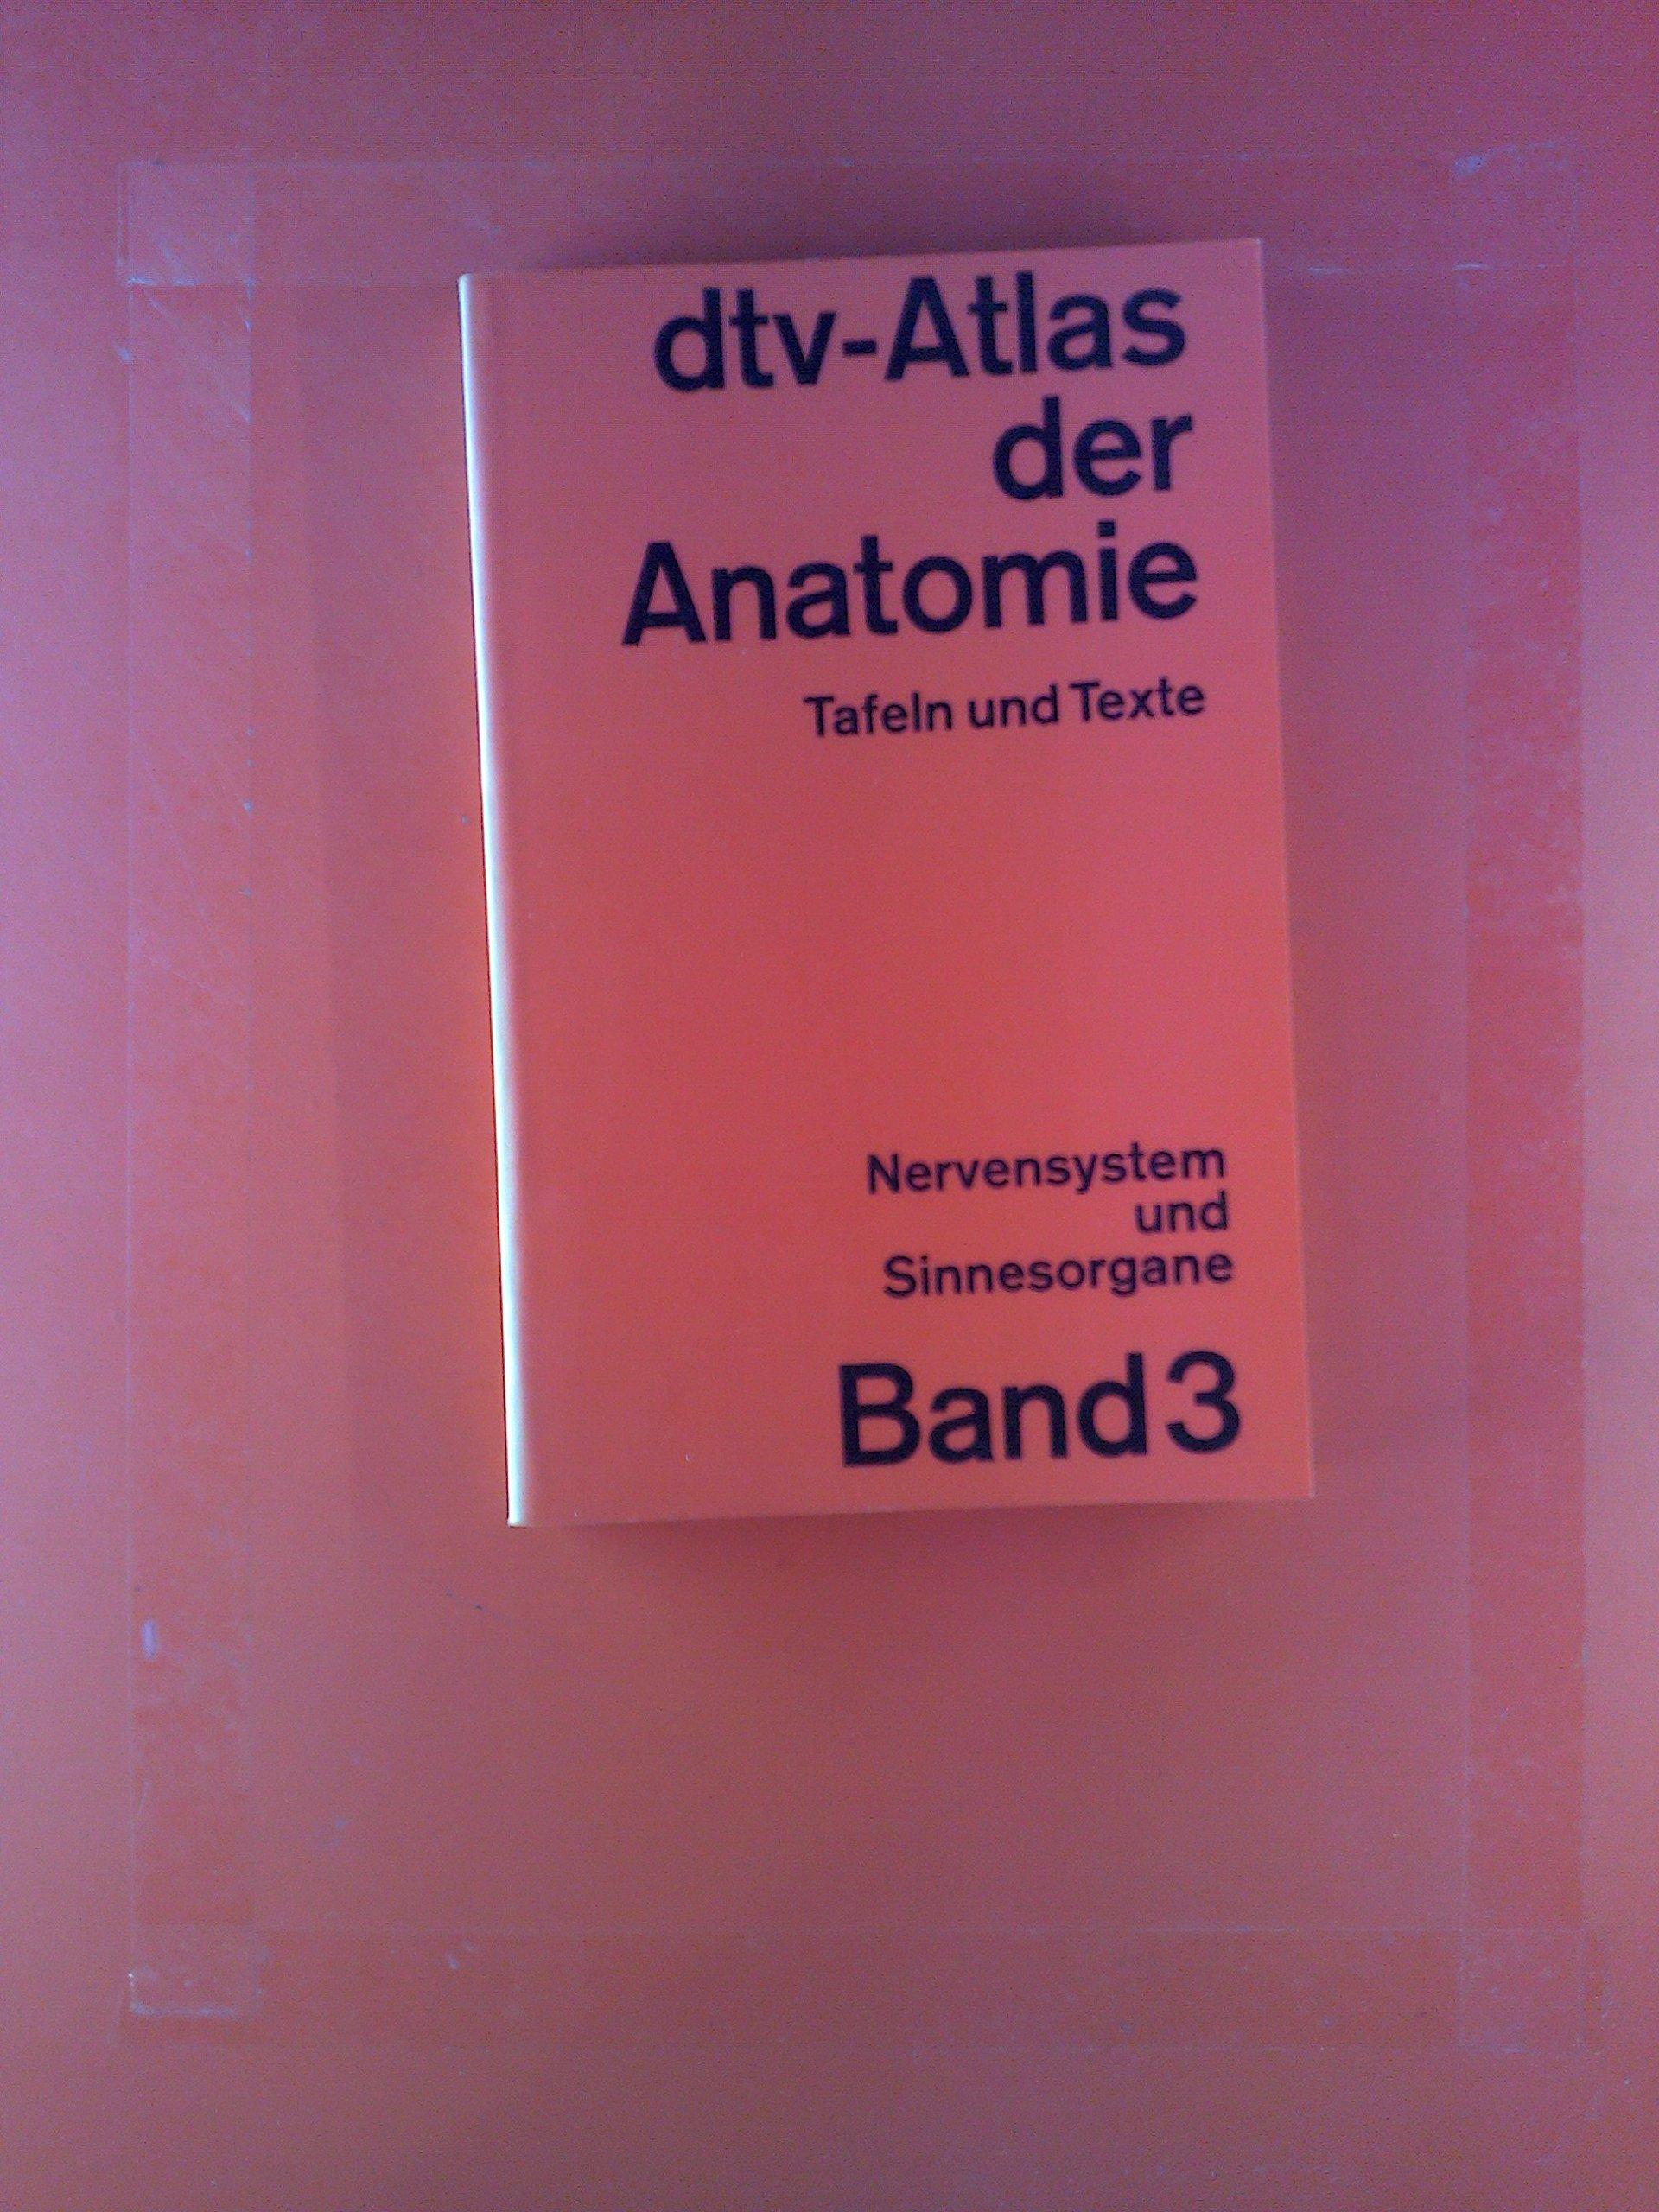 dtv-Atlas der Anatomie in drei Bänden. BAND 3: Nervensystem und ...